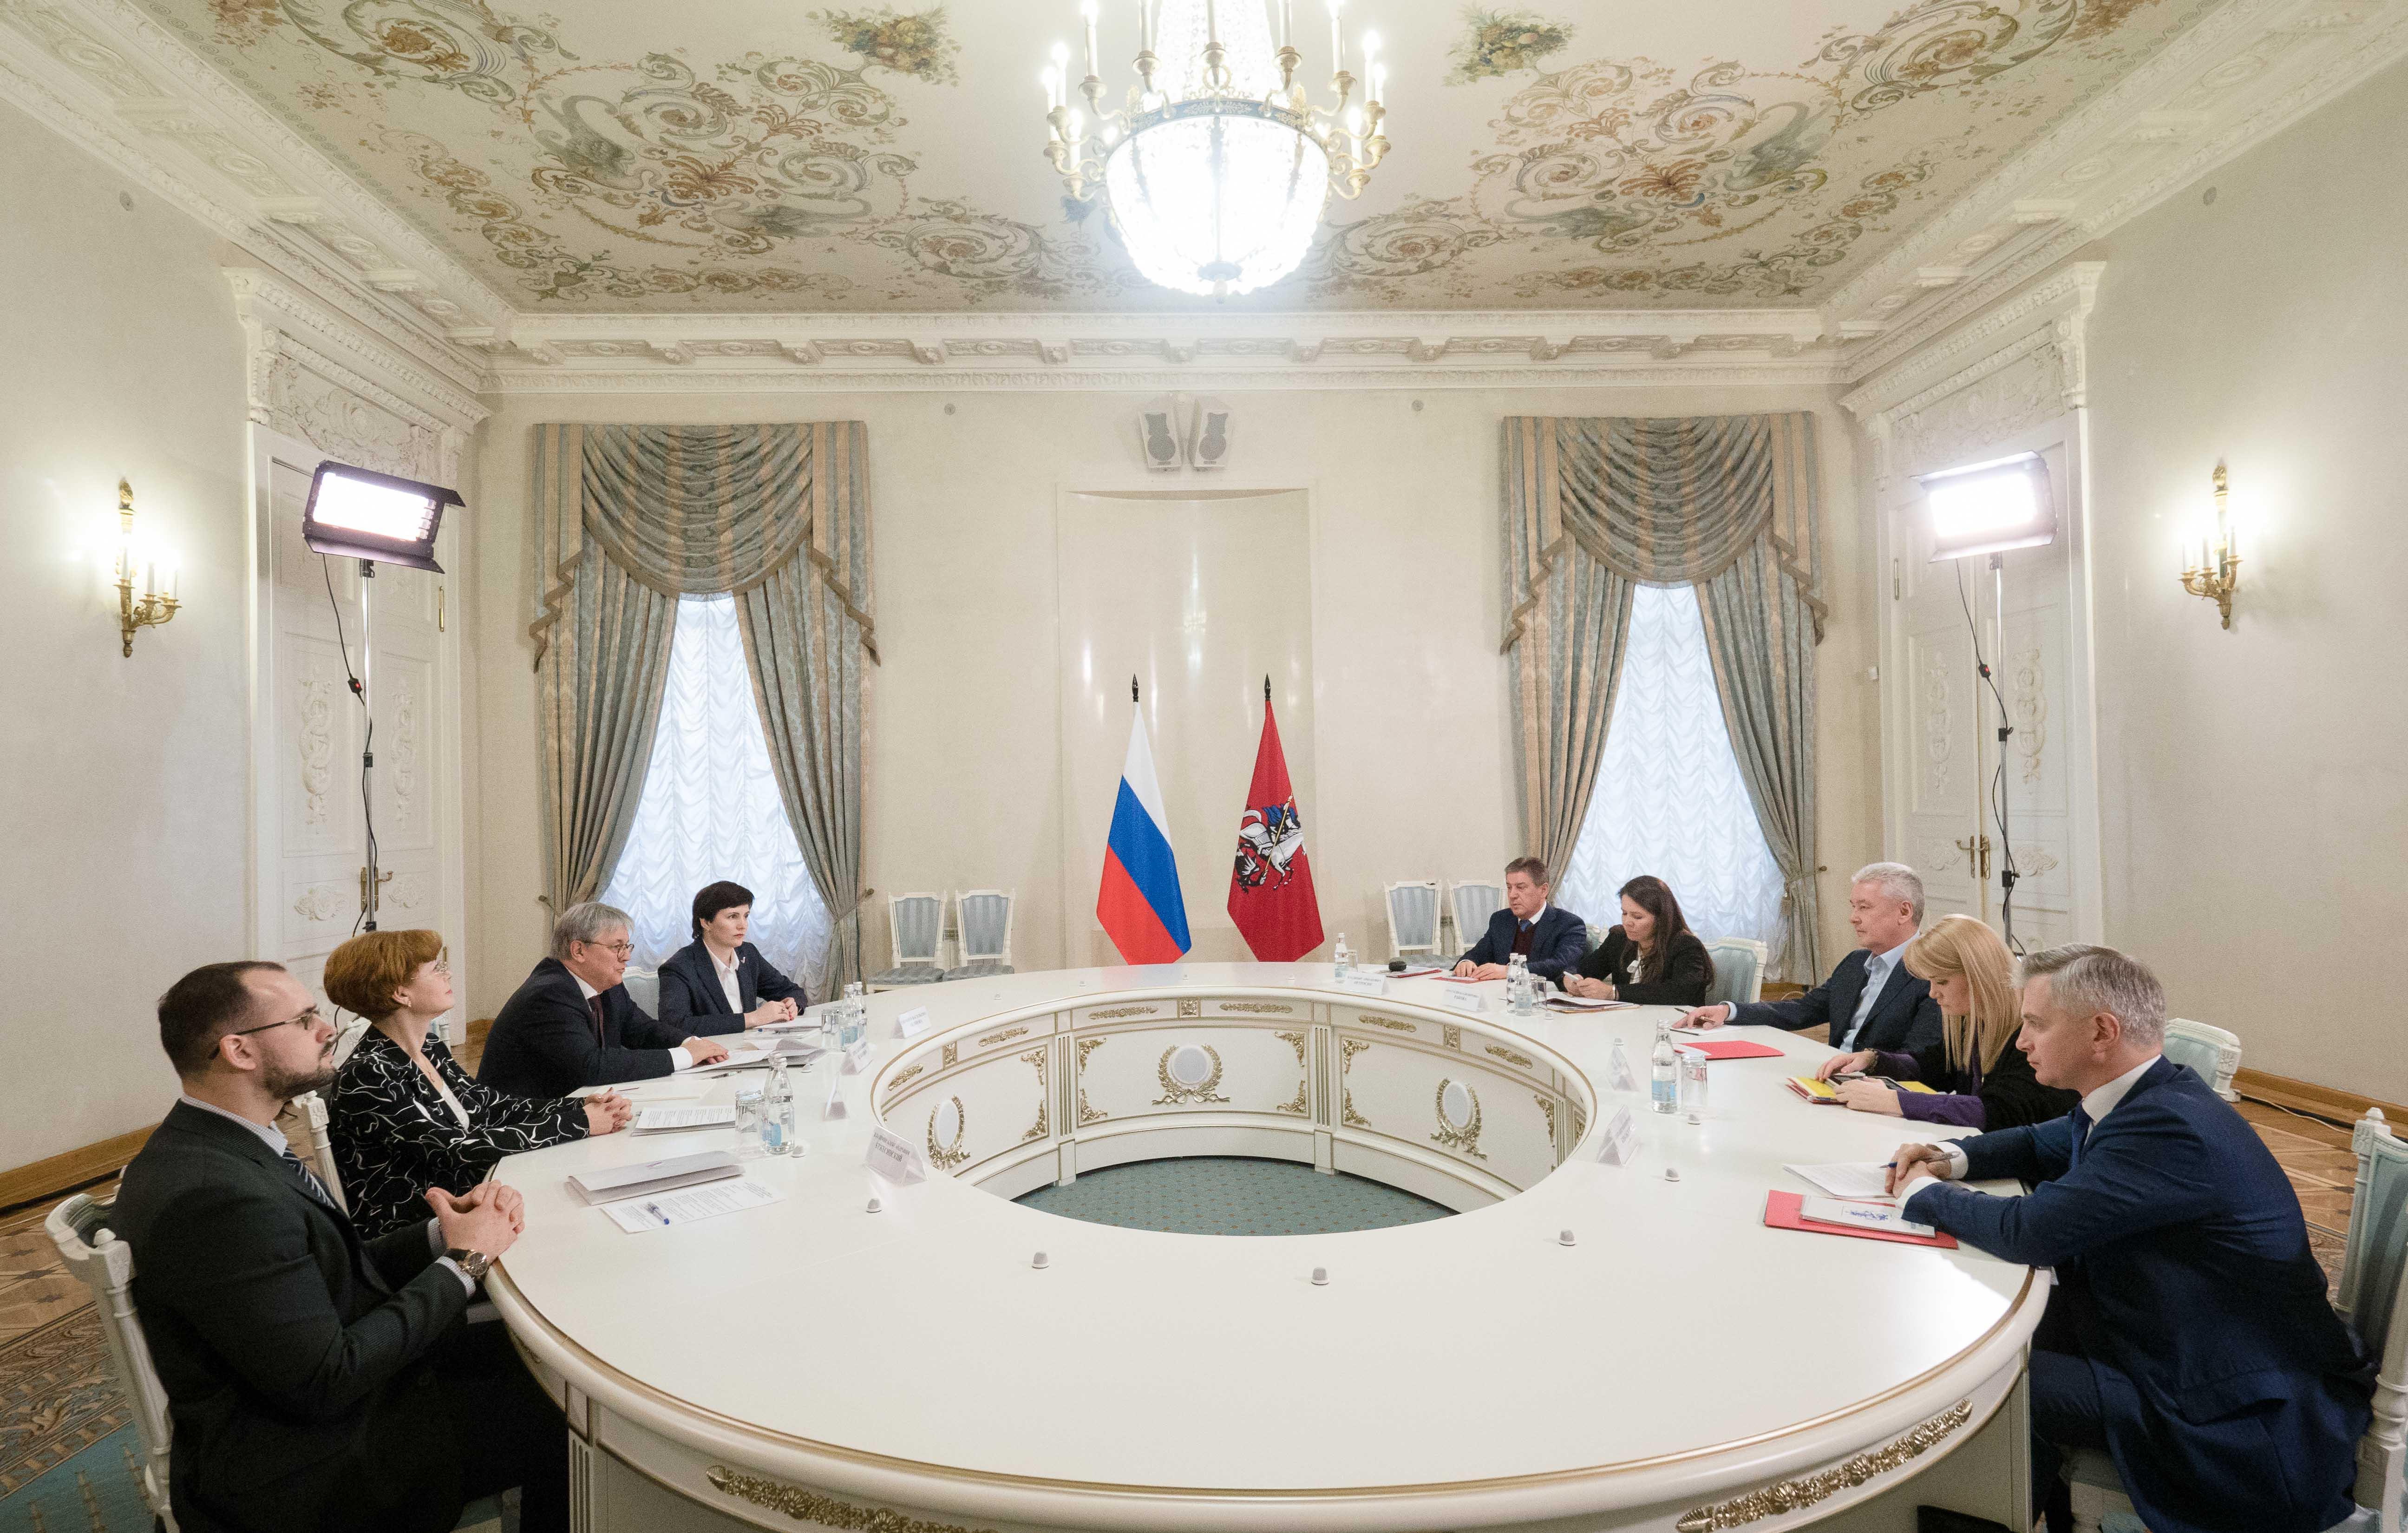 Встреча представителей ОНФ с мэром Москвы Сергеем Собяниным.